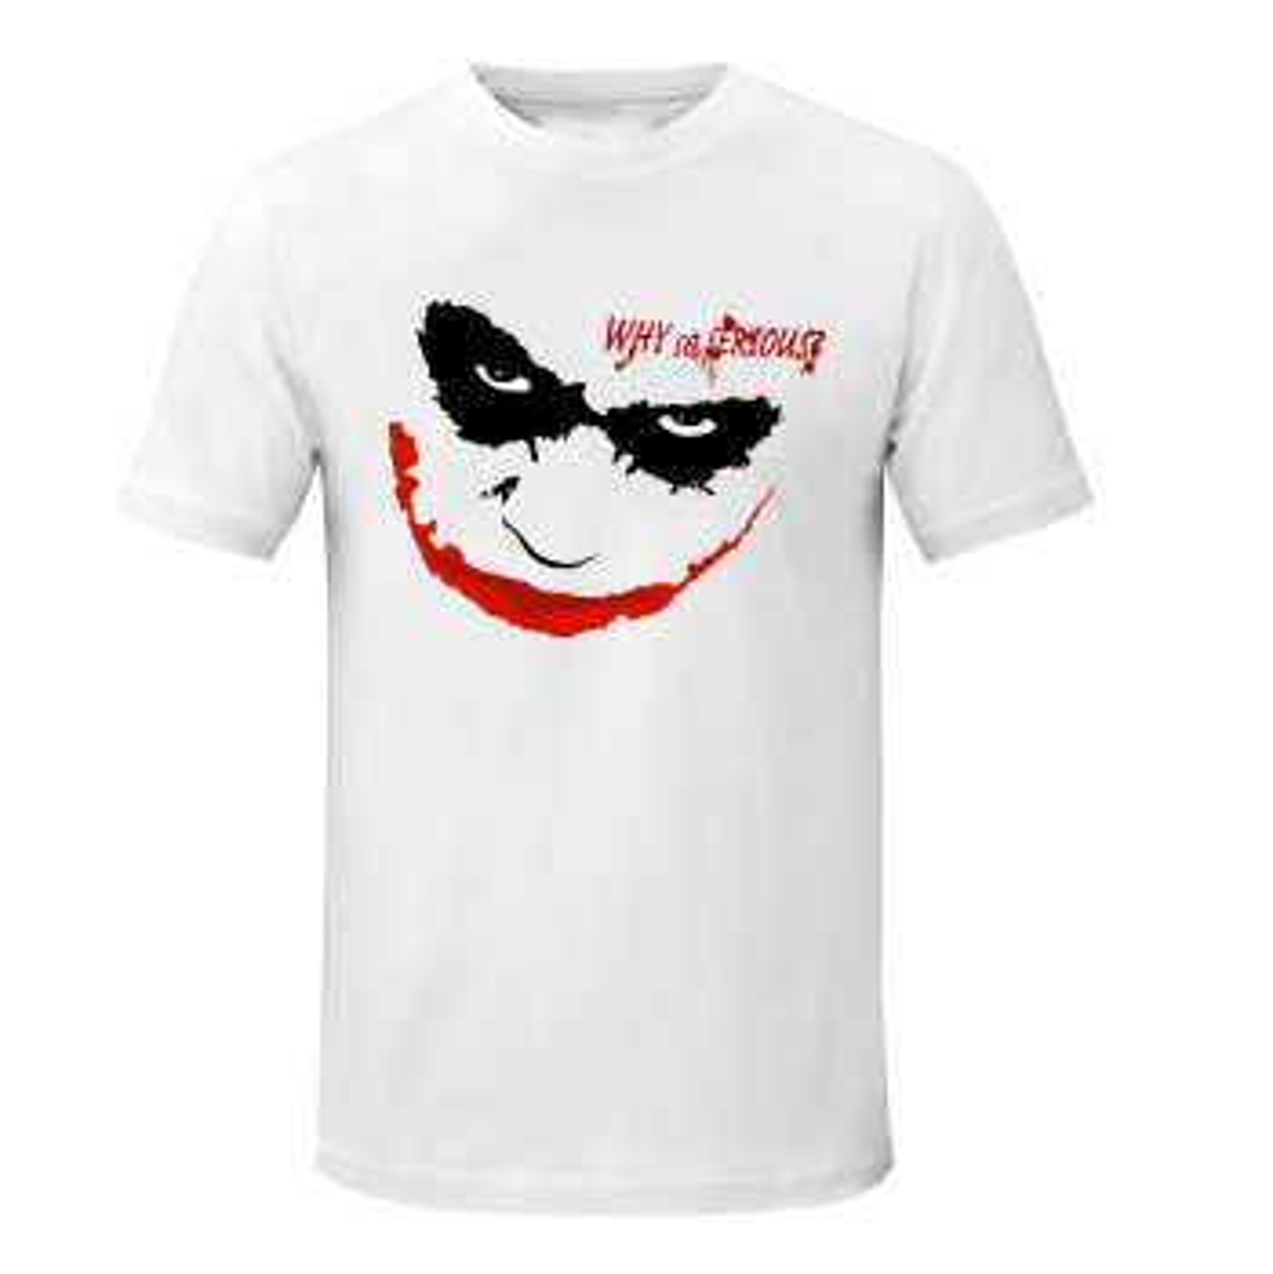 تی شرت مردانه طرح جوکر کد asd 0113